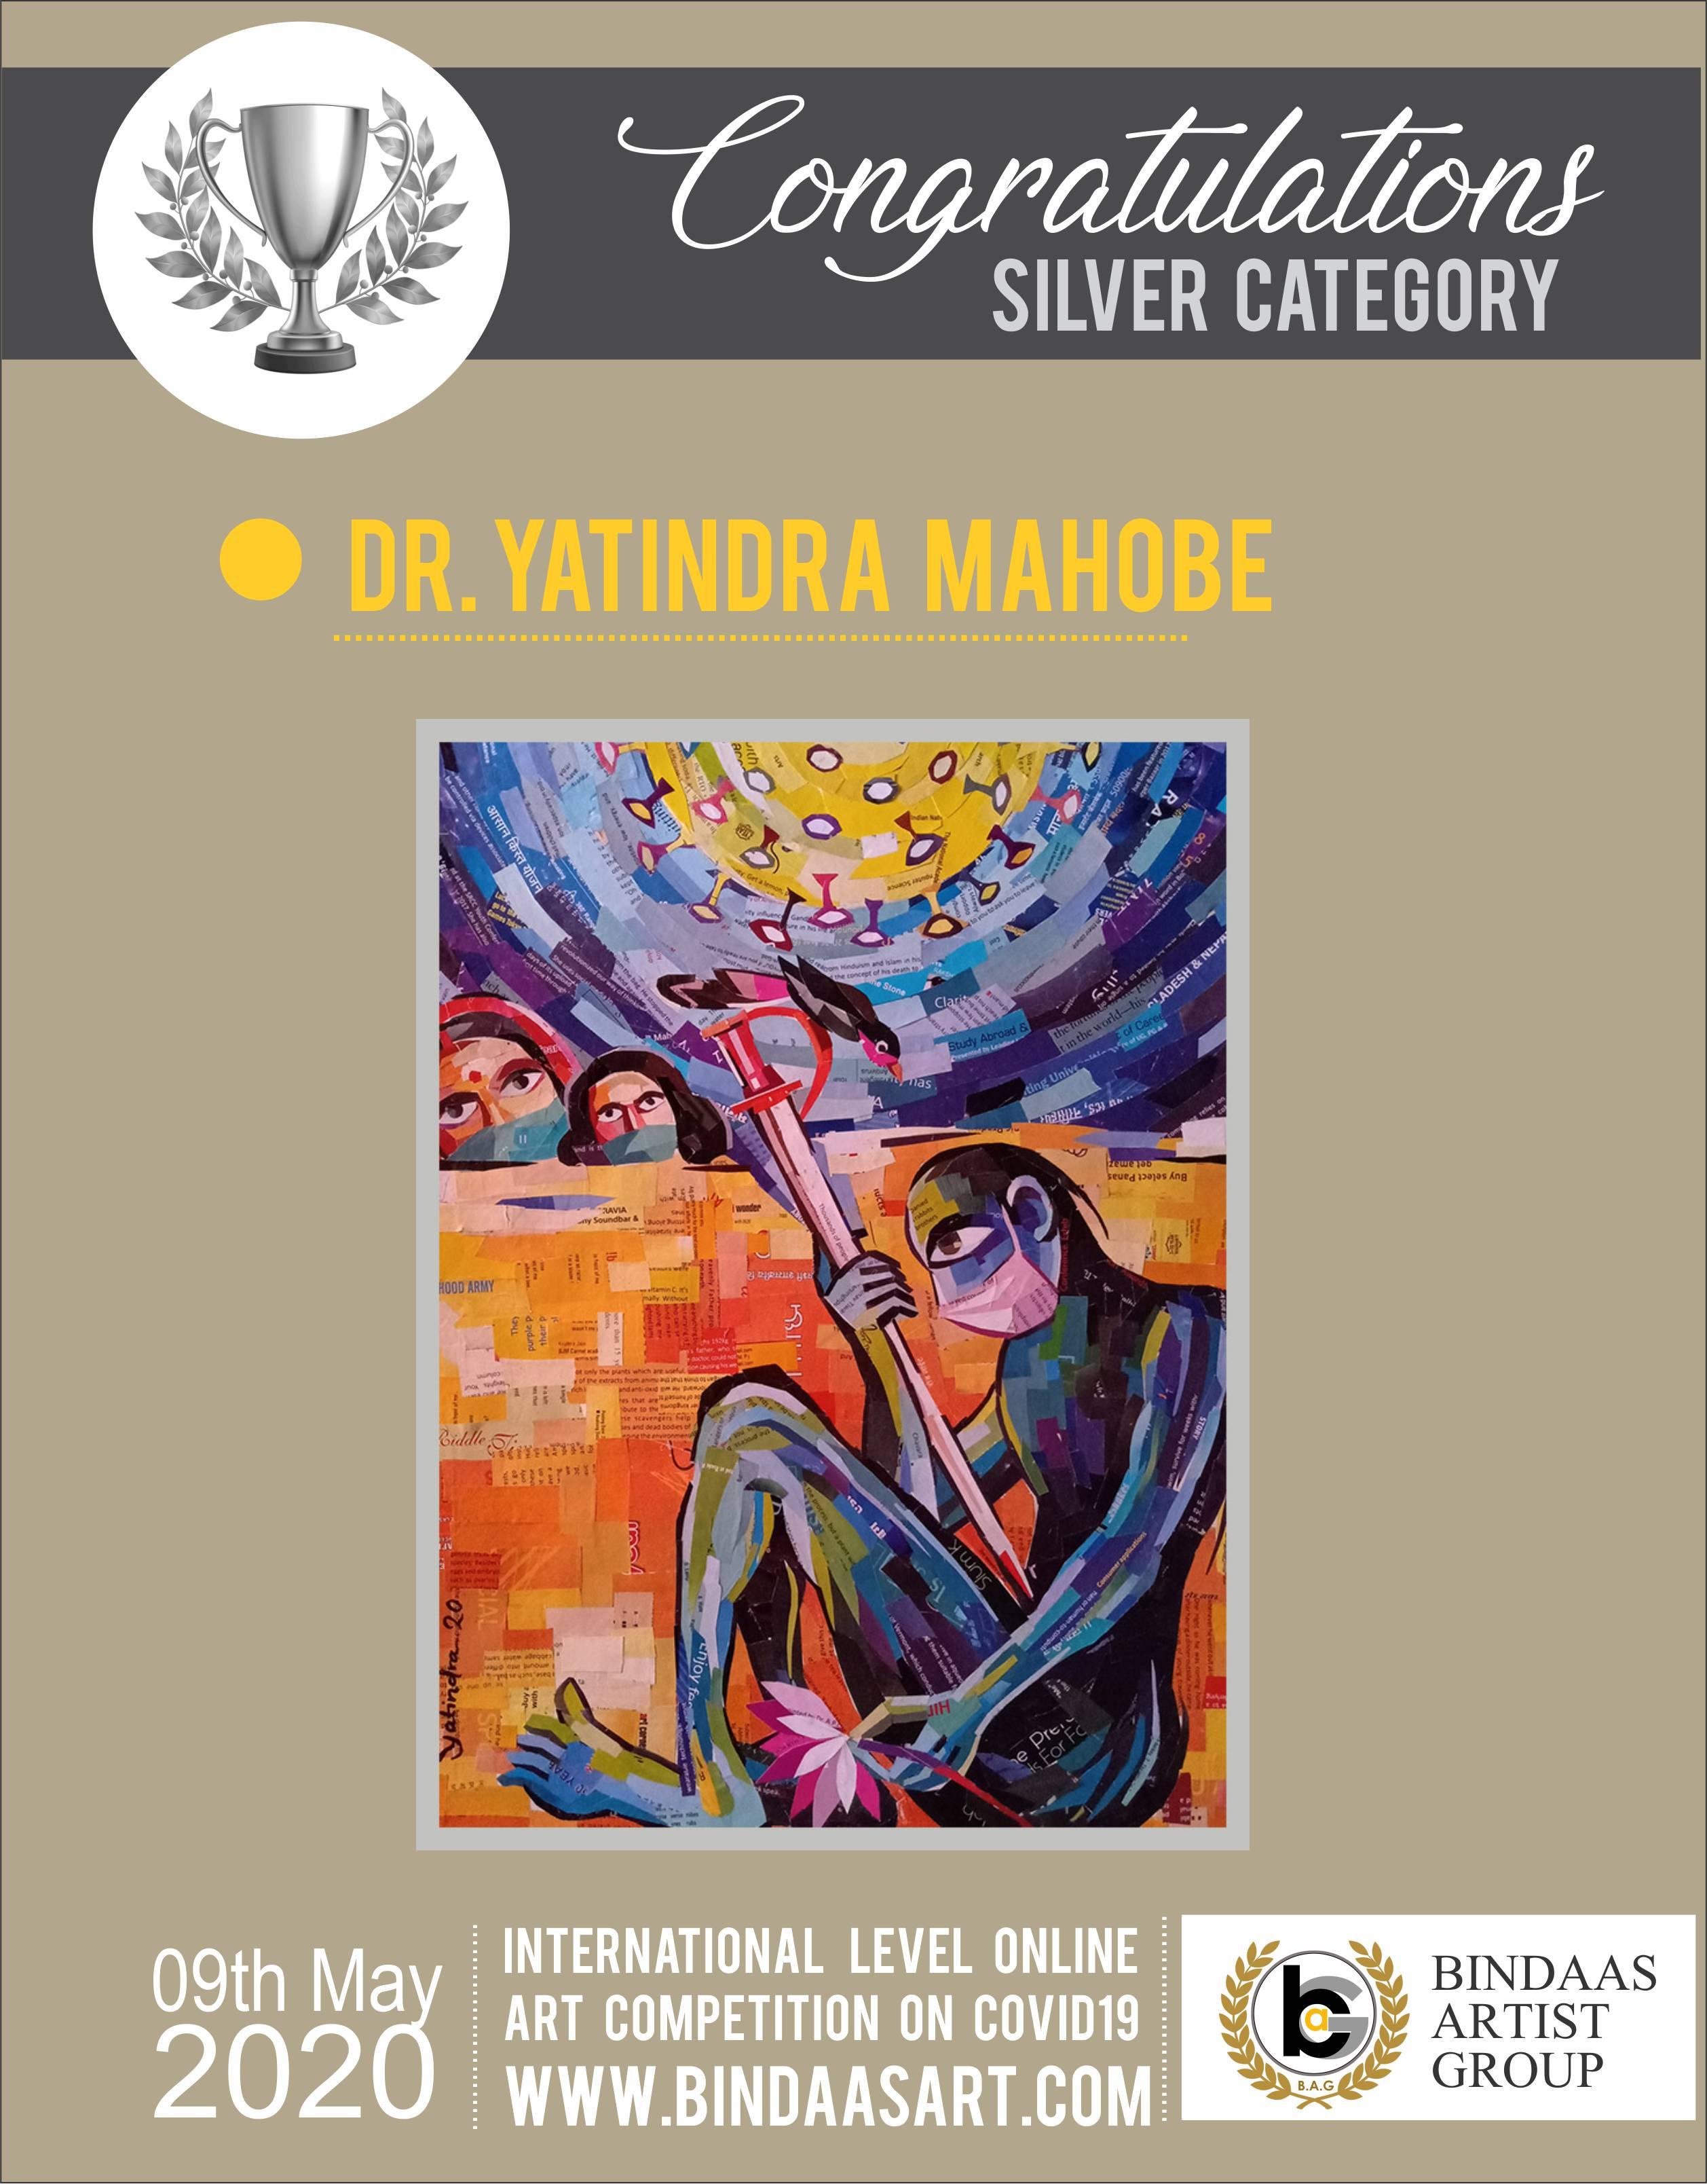 Dr YATINDRA MAHOBE